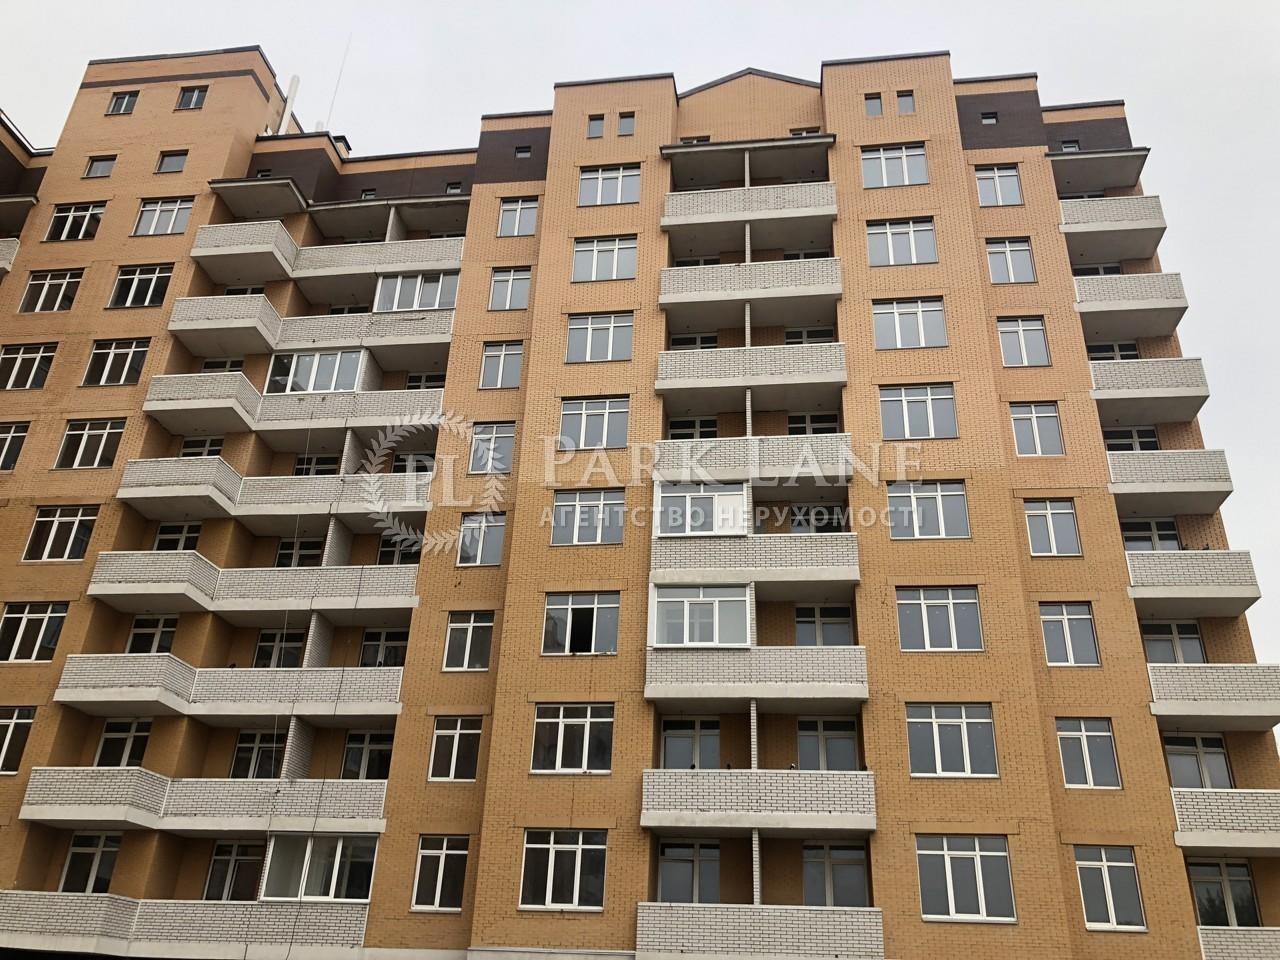 Нежилое помещение, ул. Бориспольская, Киев, B-97132 - Фото 15